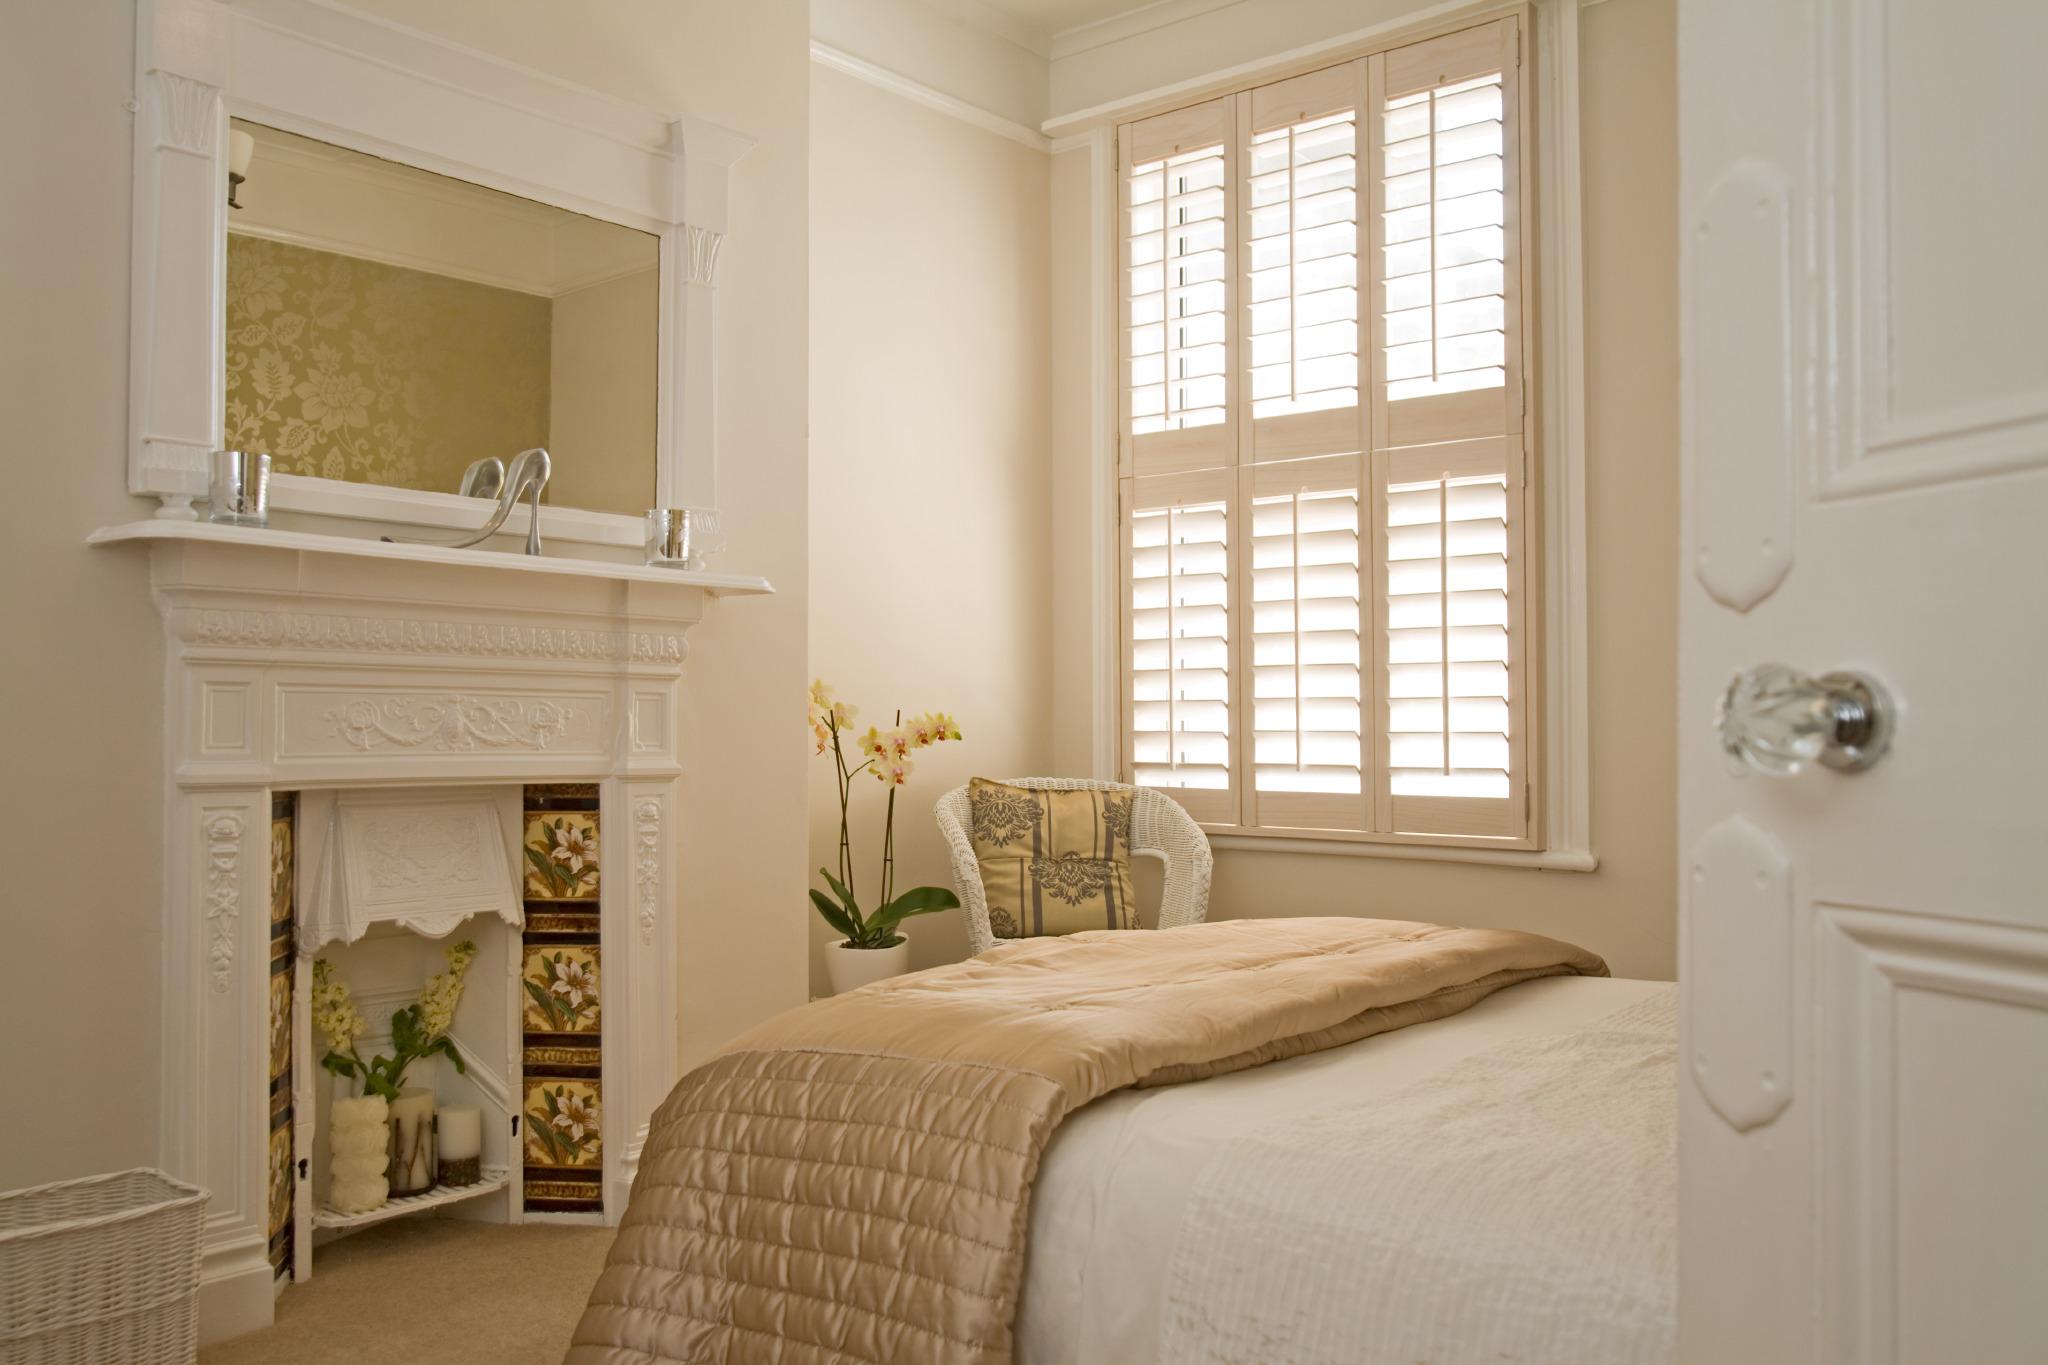 Bespoke bedroom window shutters